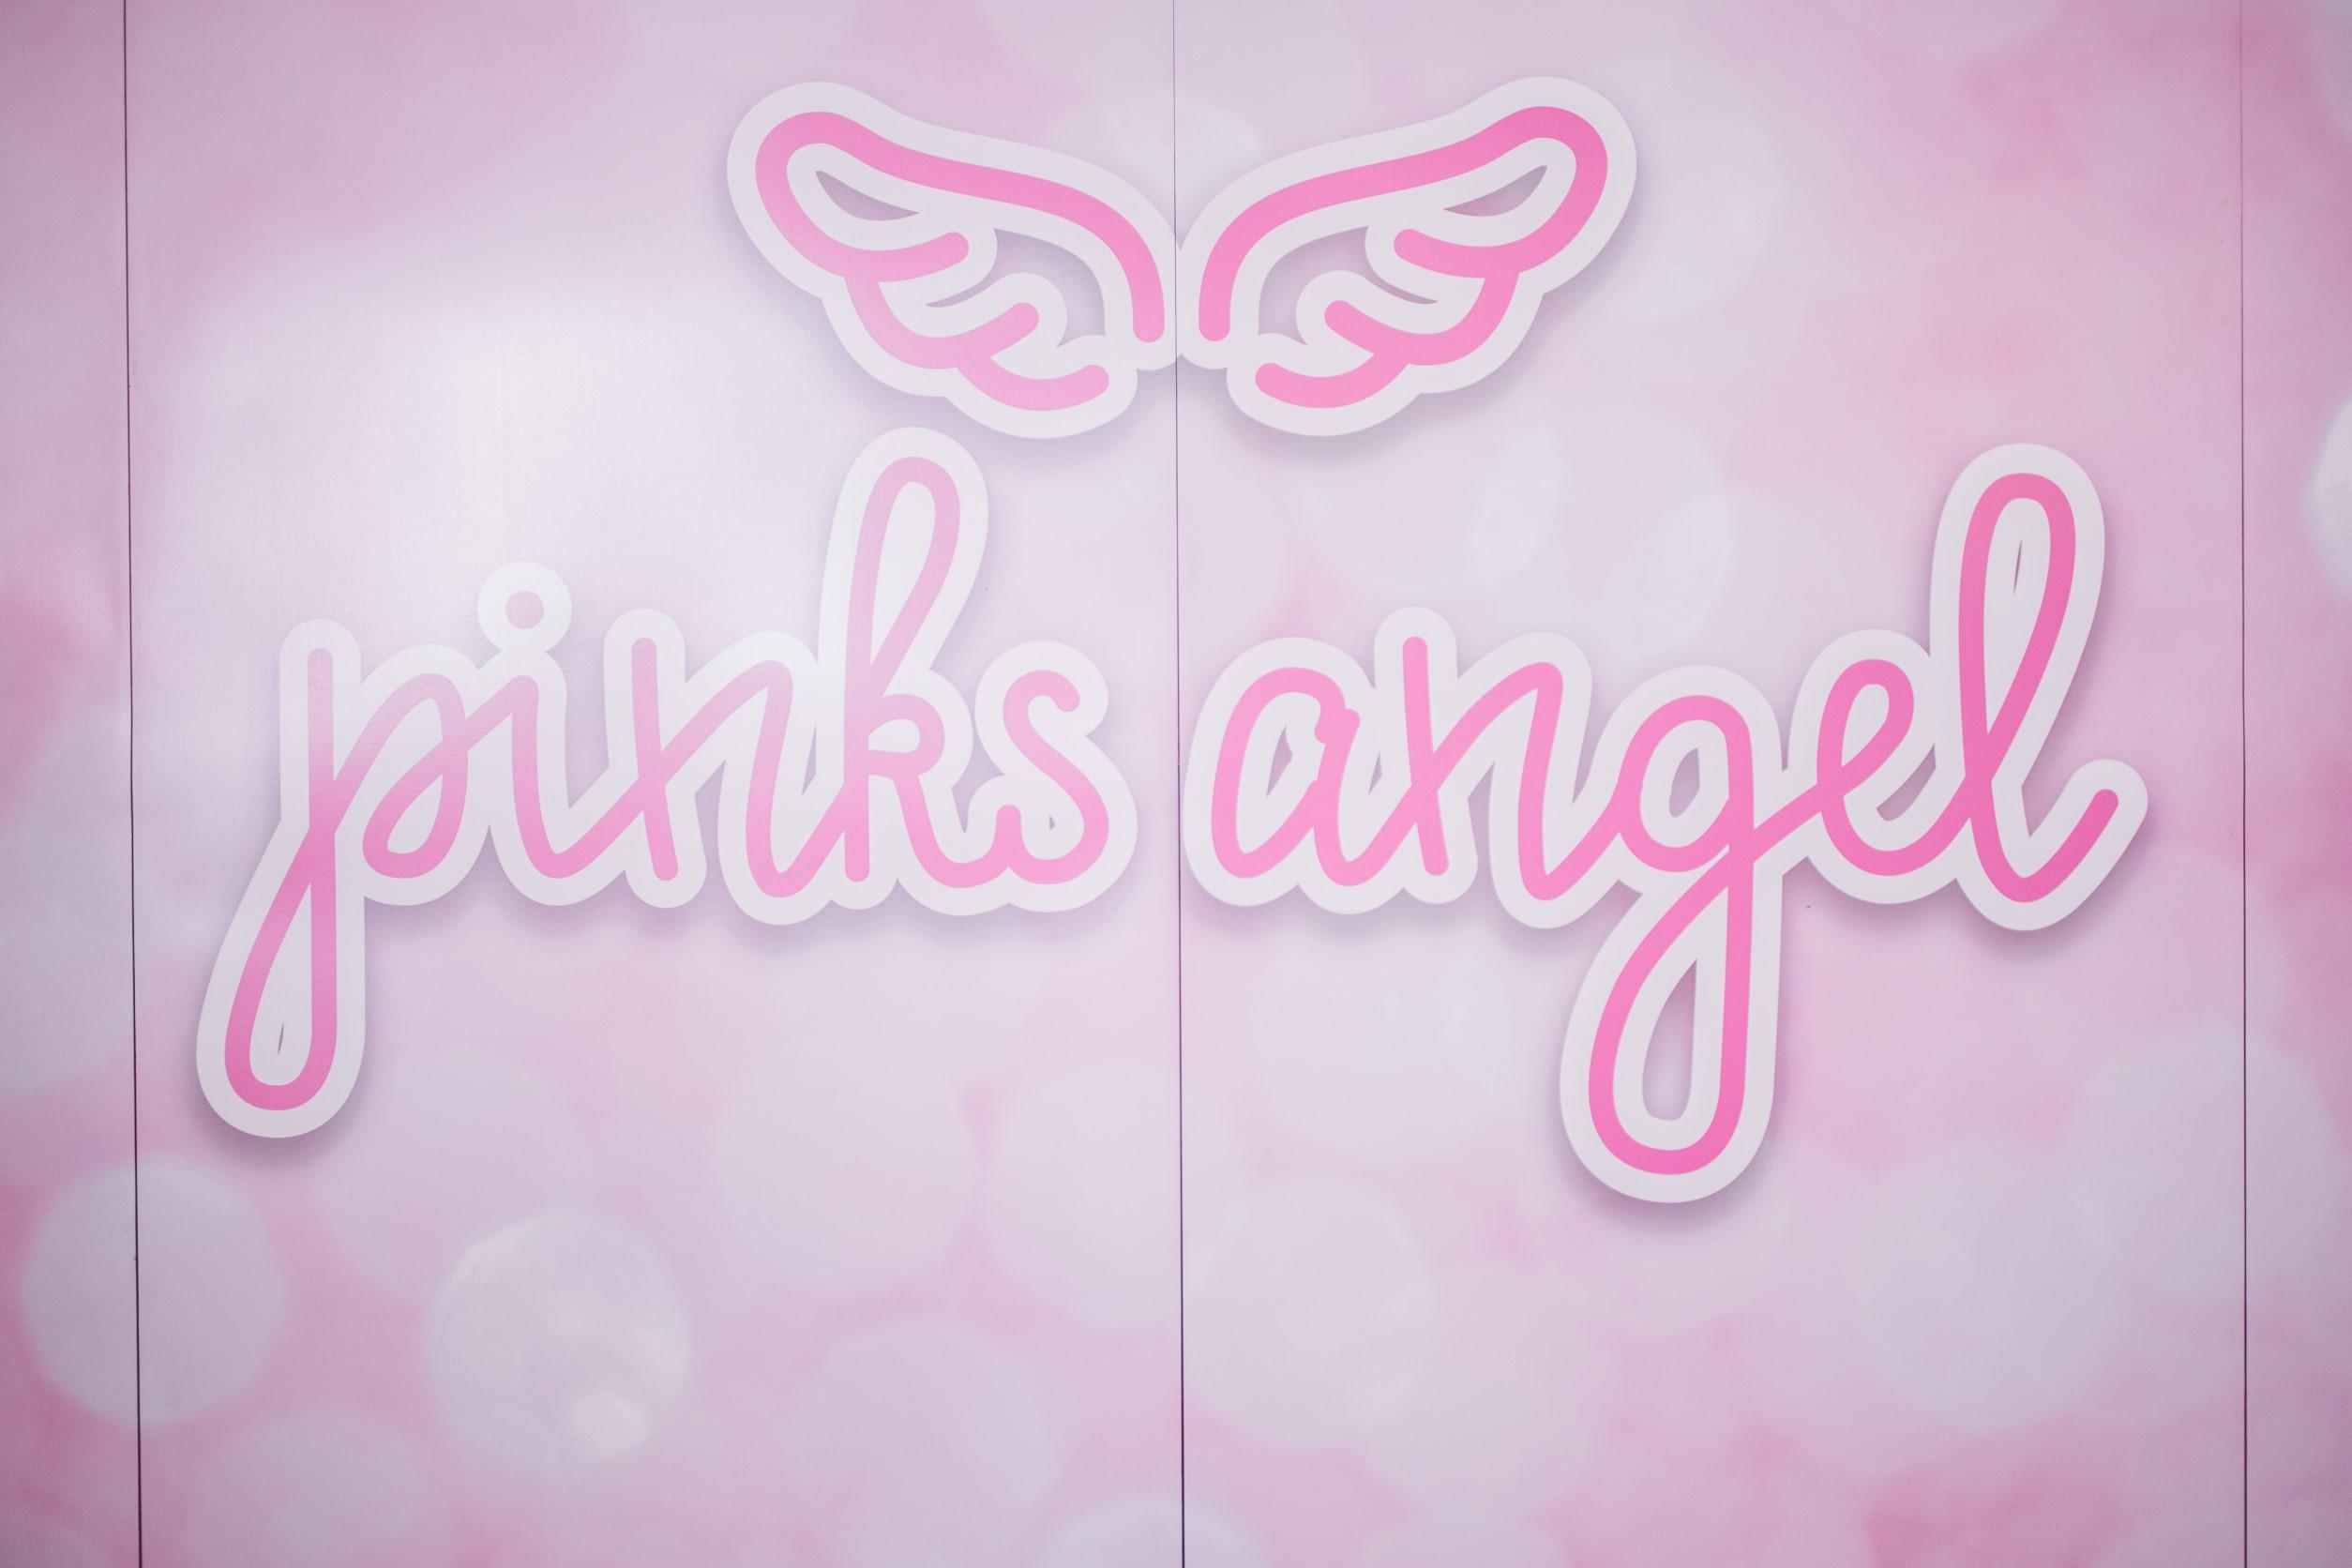 PINK ANGEL - พิ้งแองเจิ้ล